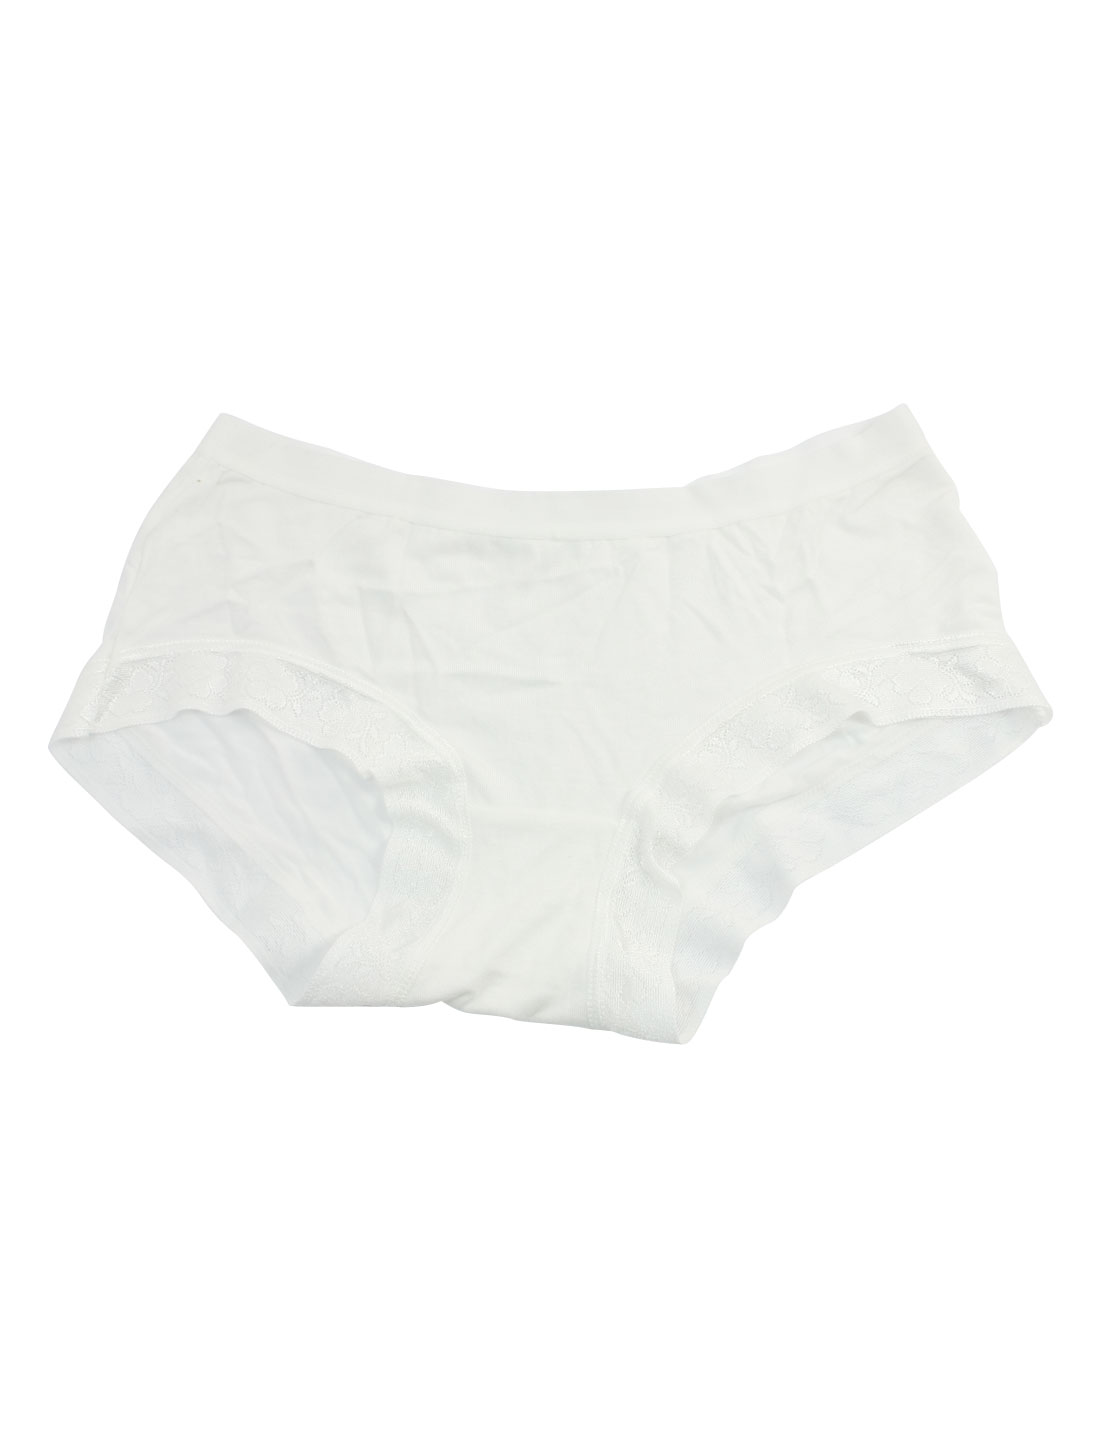 Women Stretchy Waist Stylish Underwear Briefs White XS